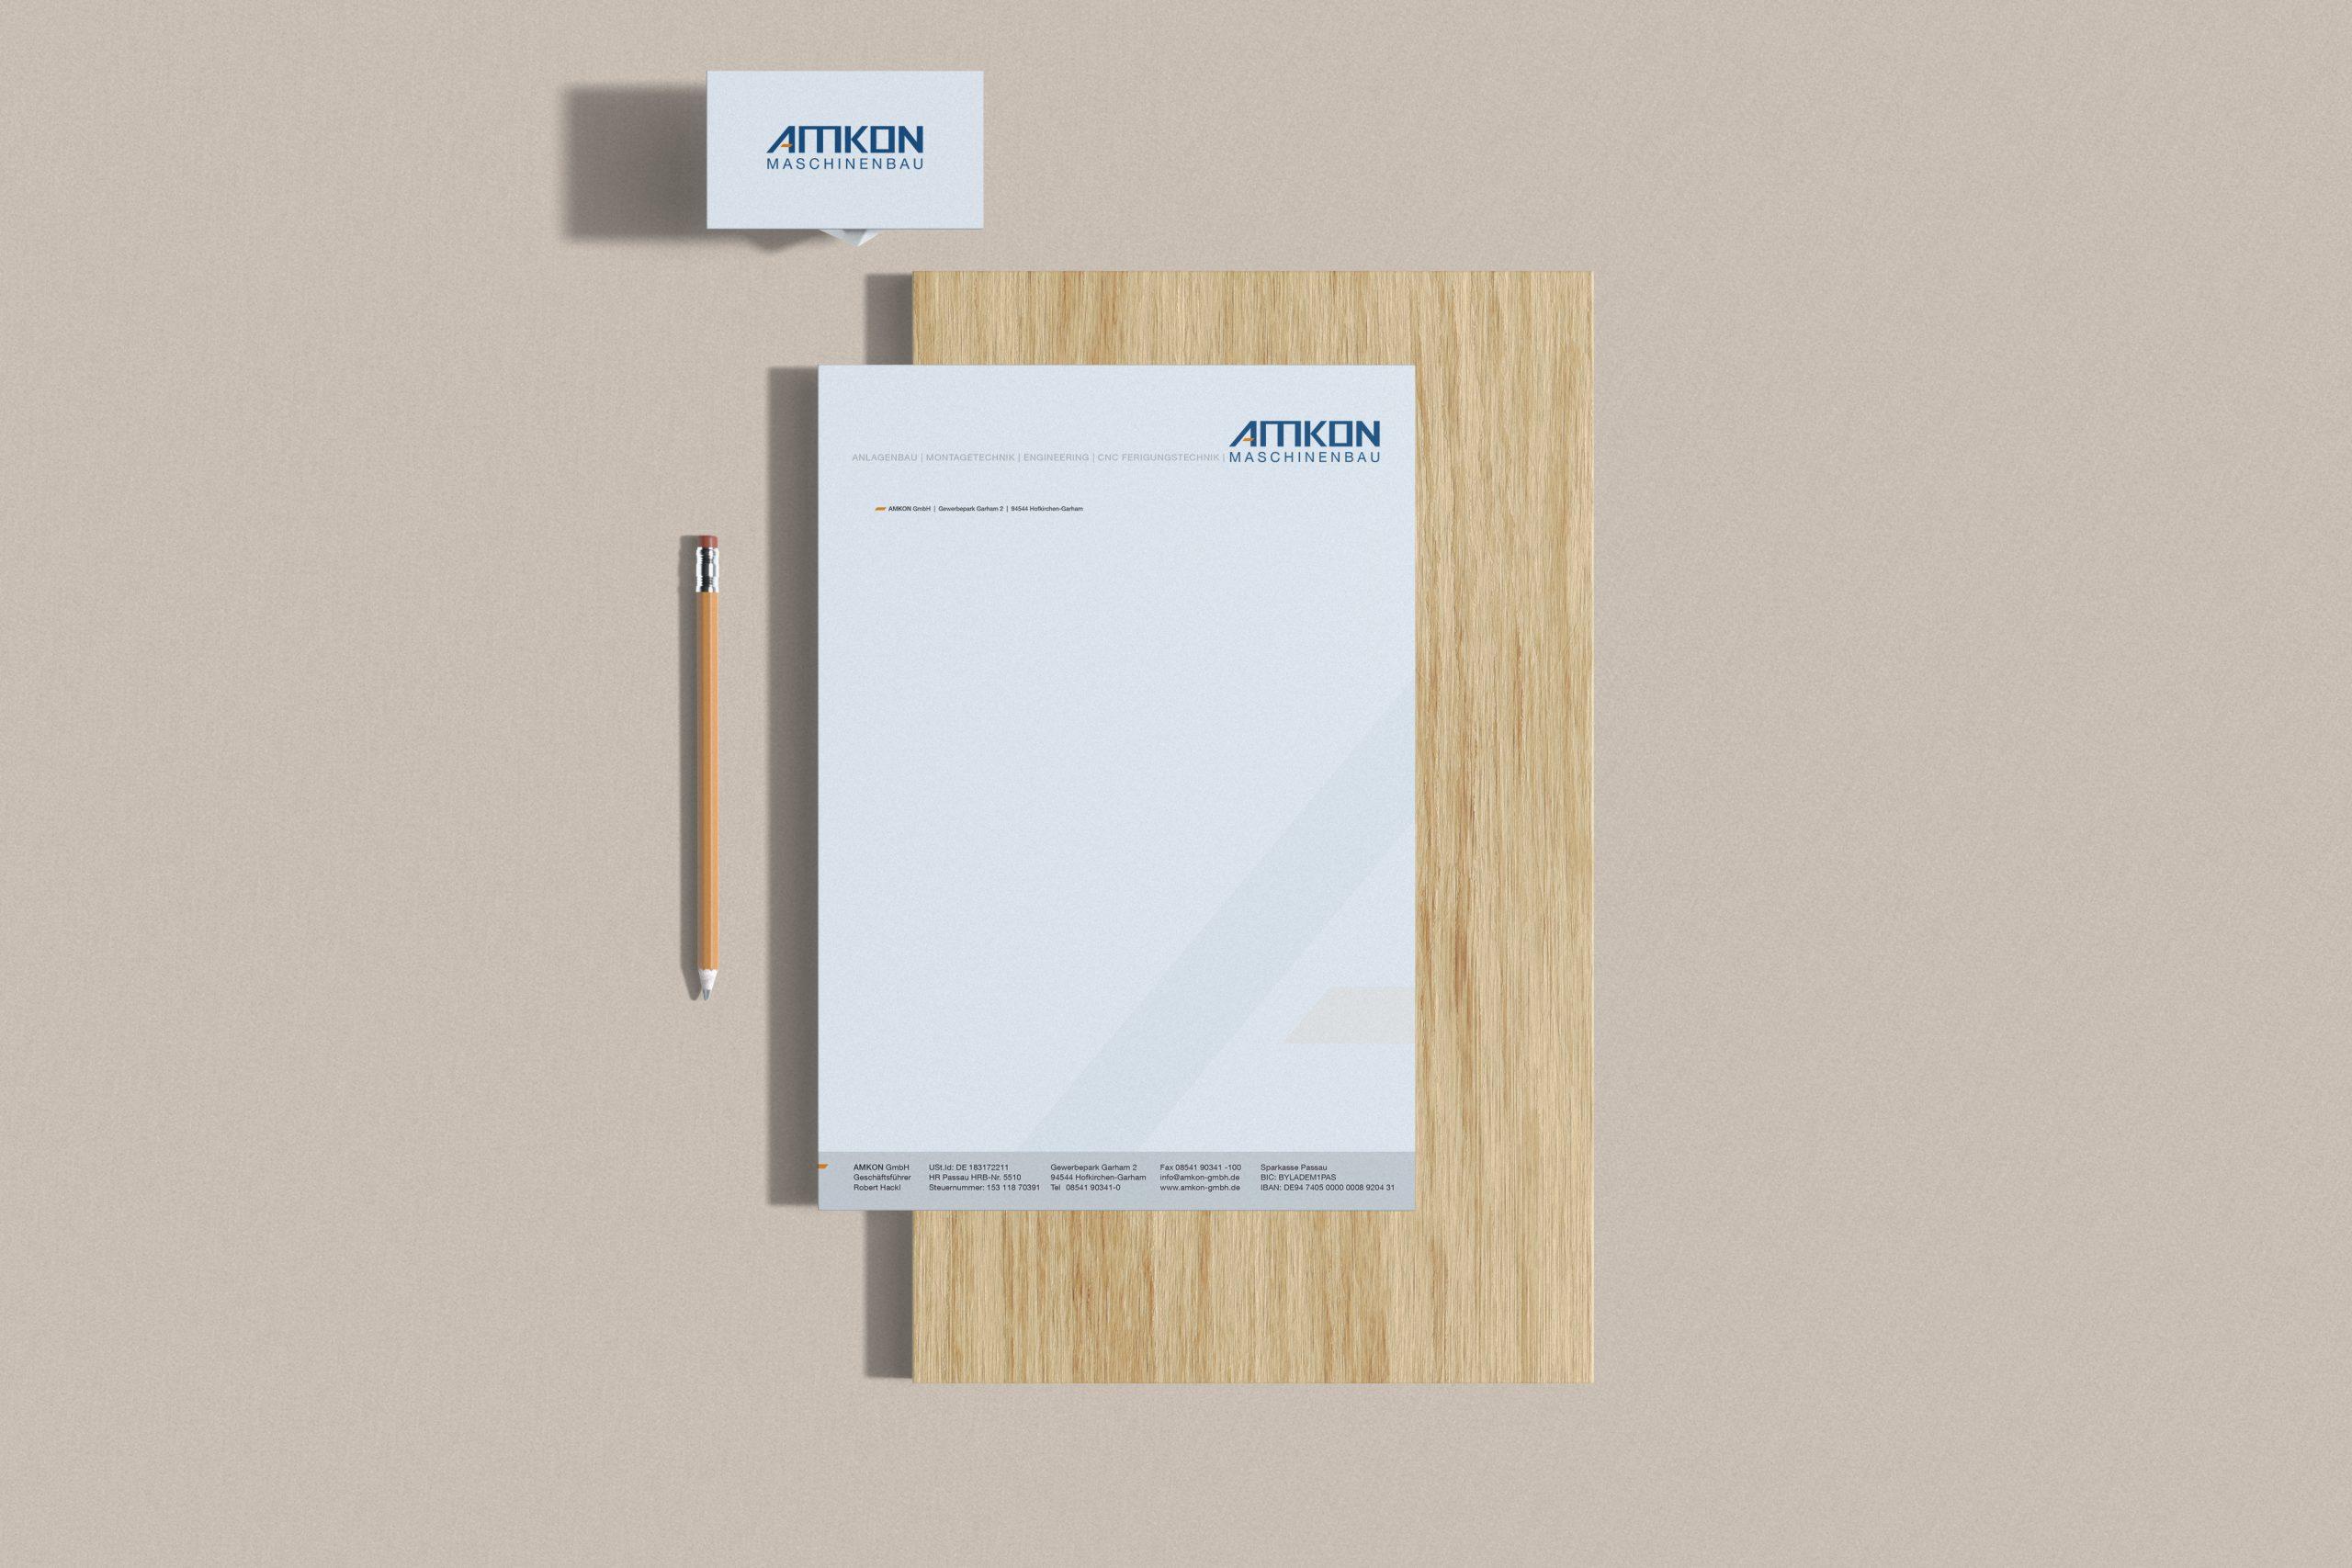 Logo und Corporate Design amkon - M&W Werbeagentur Eging/Passau